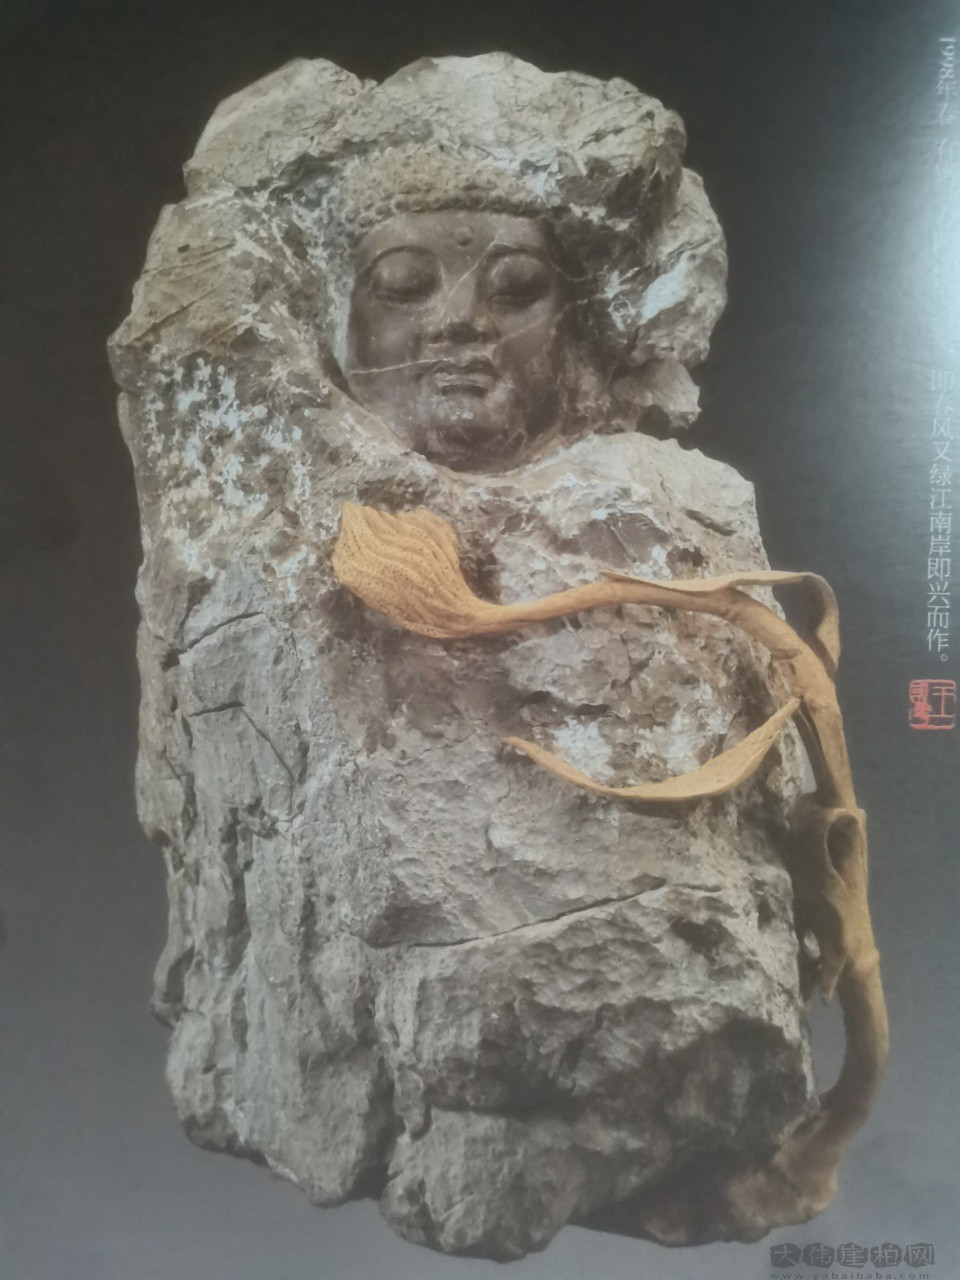 赏析王国华的雕刻艺术作品《众生如草》